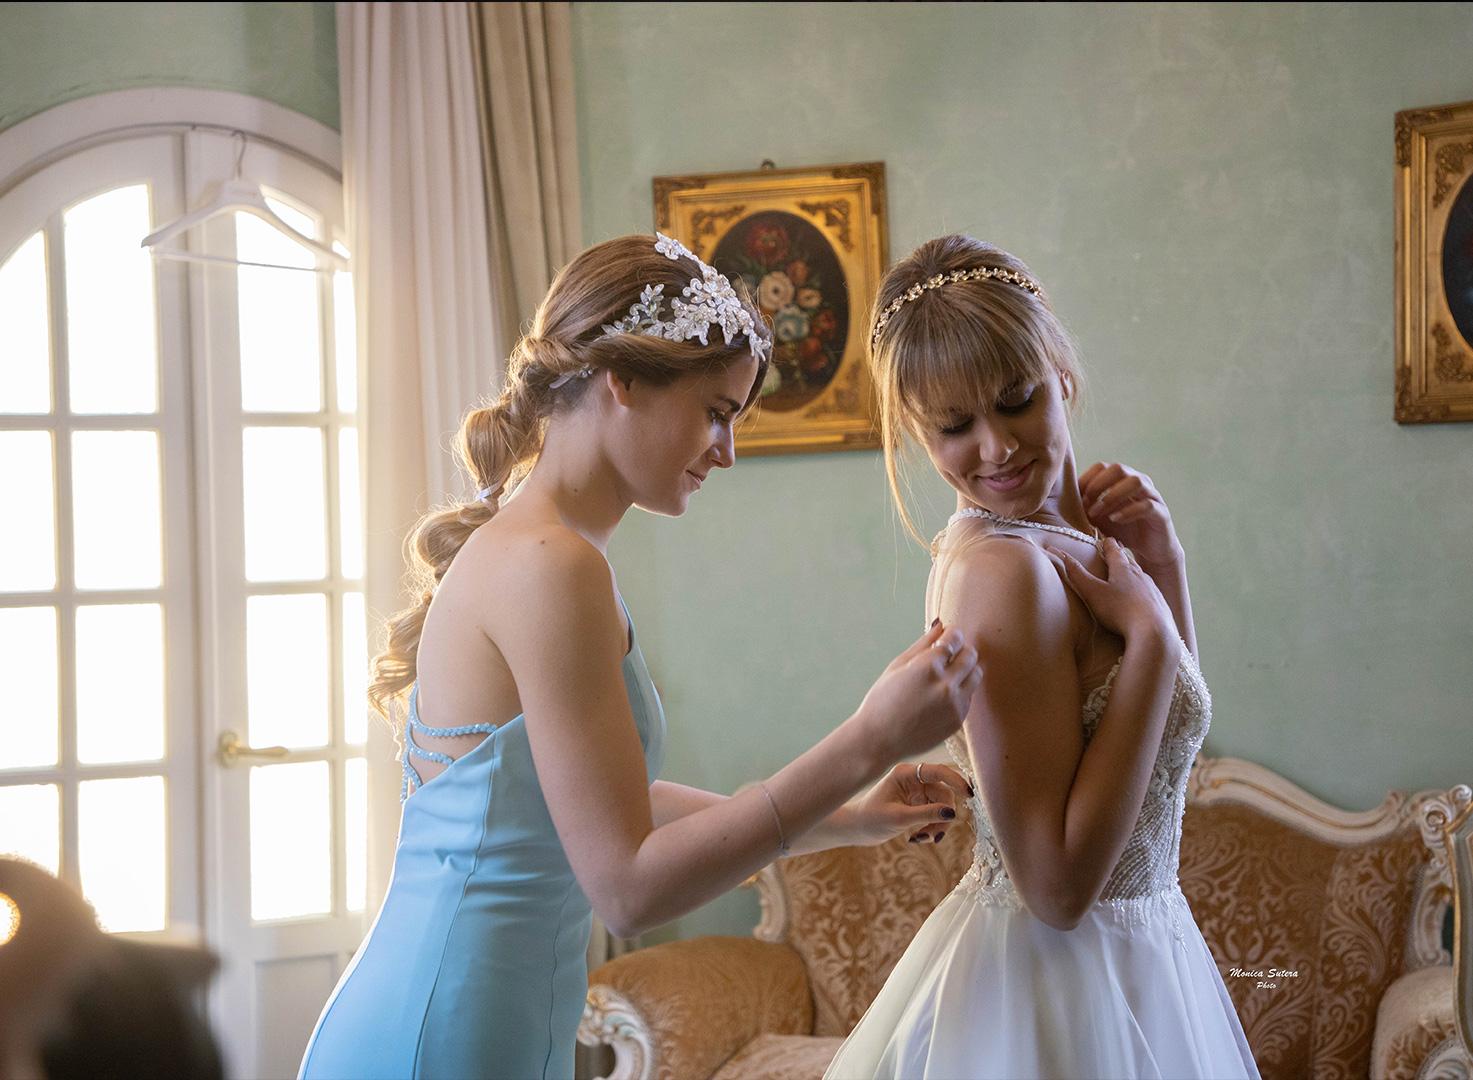 Monica Sutera fotografo - fotografo matrimonio agrigento - fotografo wedding agrigento - fotografa siciliana -fotografi matrimonio in sicilia - fotografi wedding agrigento -wedding palermo